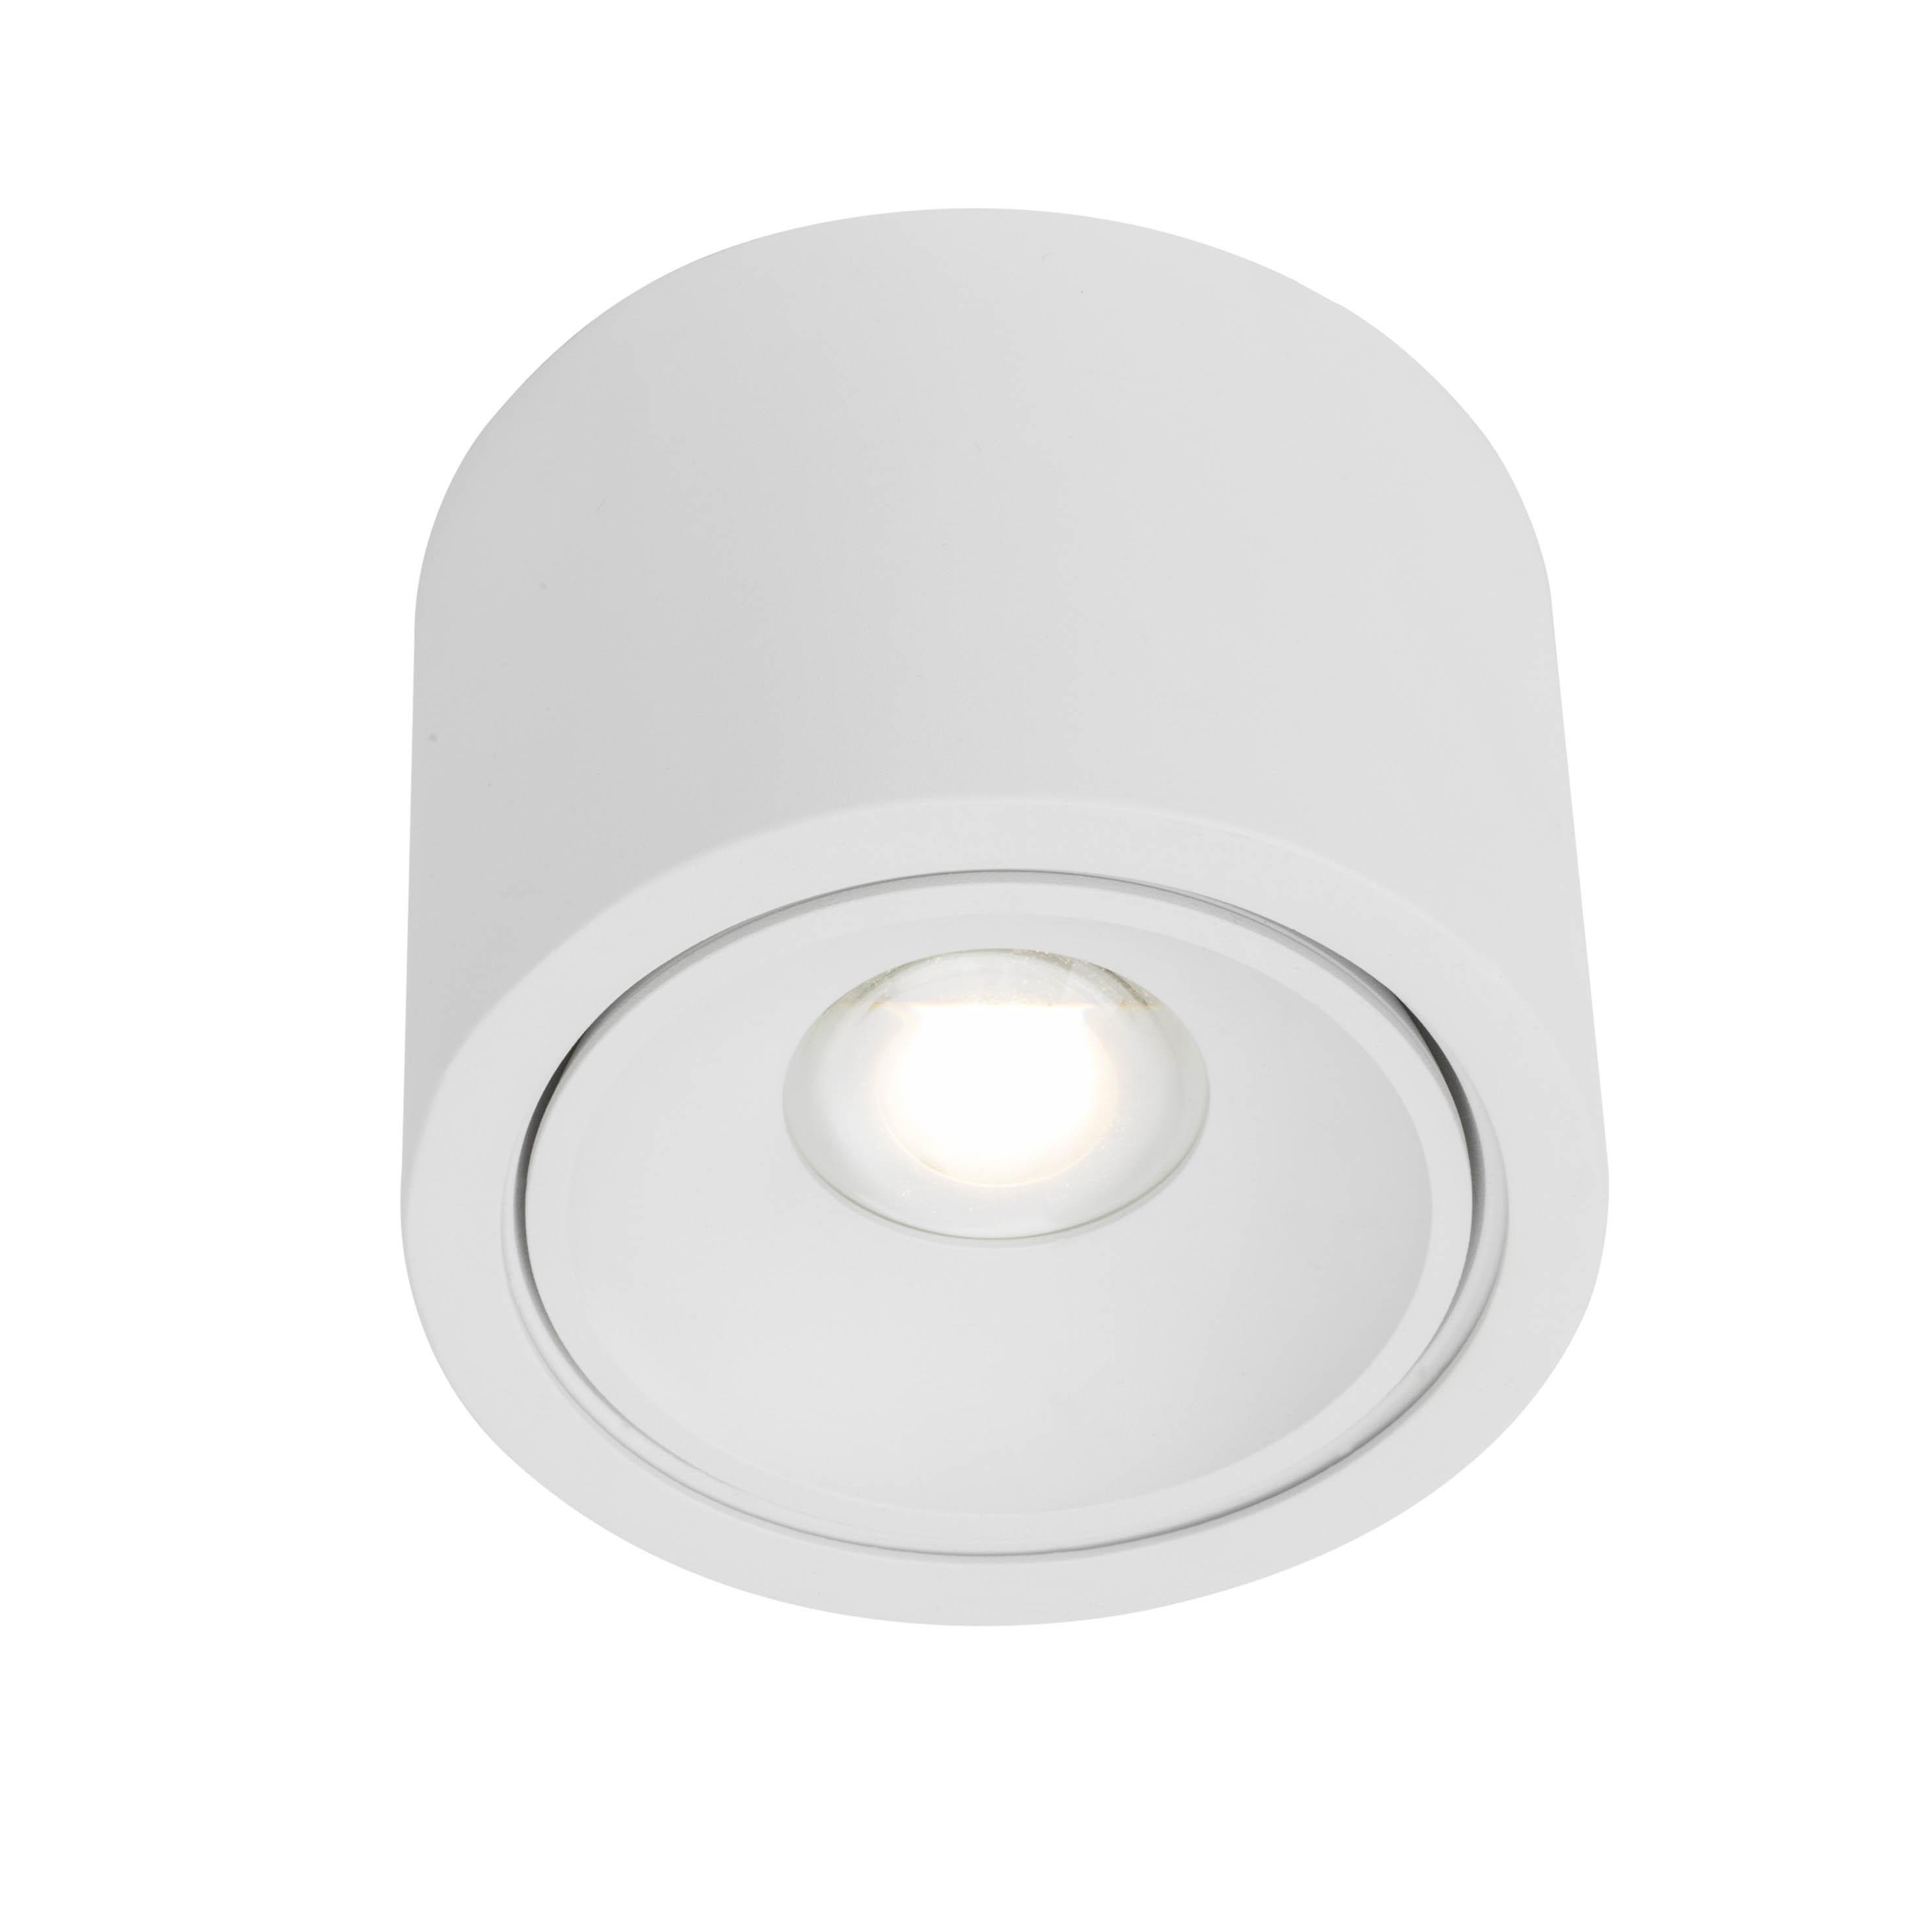 AEG Leca LED Wand- und Deckenleuchte weiß